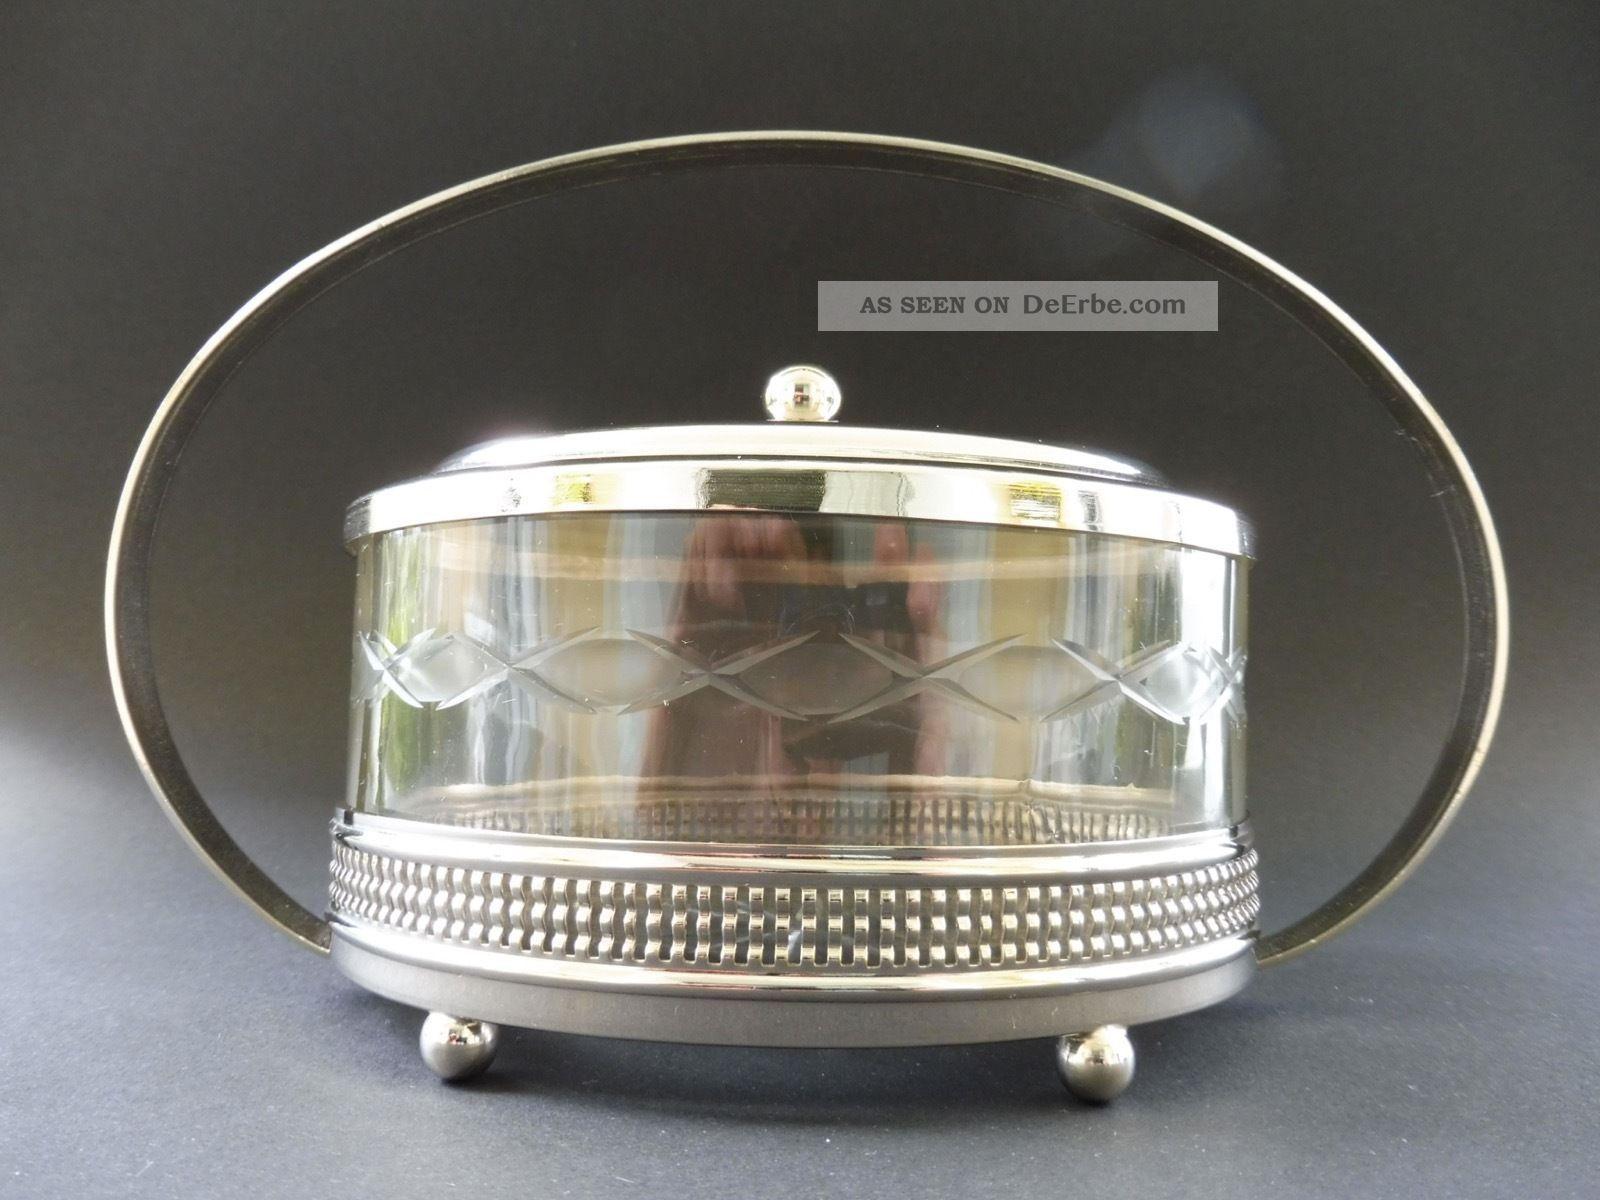 Jugendstil Design Bonbonniere Keks Dose Cookie Crystal Glas Box Art Nouveau 1915 1890-1919, Jugendstil Bild